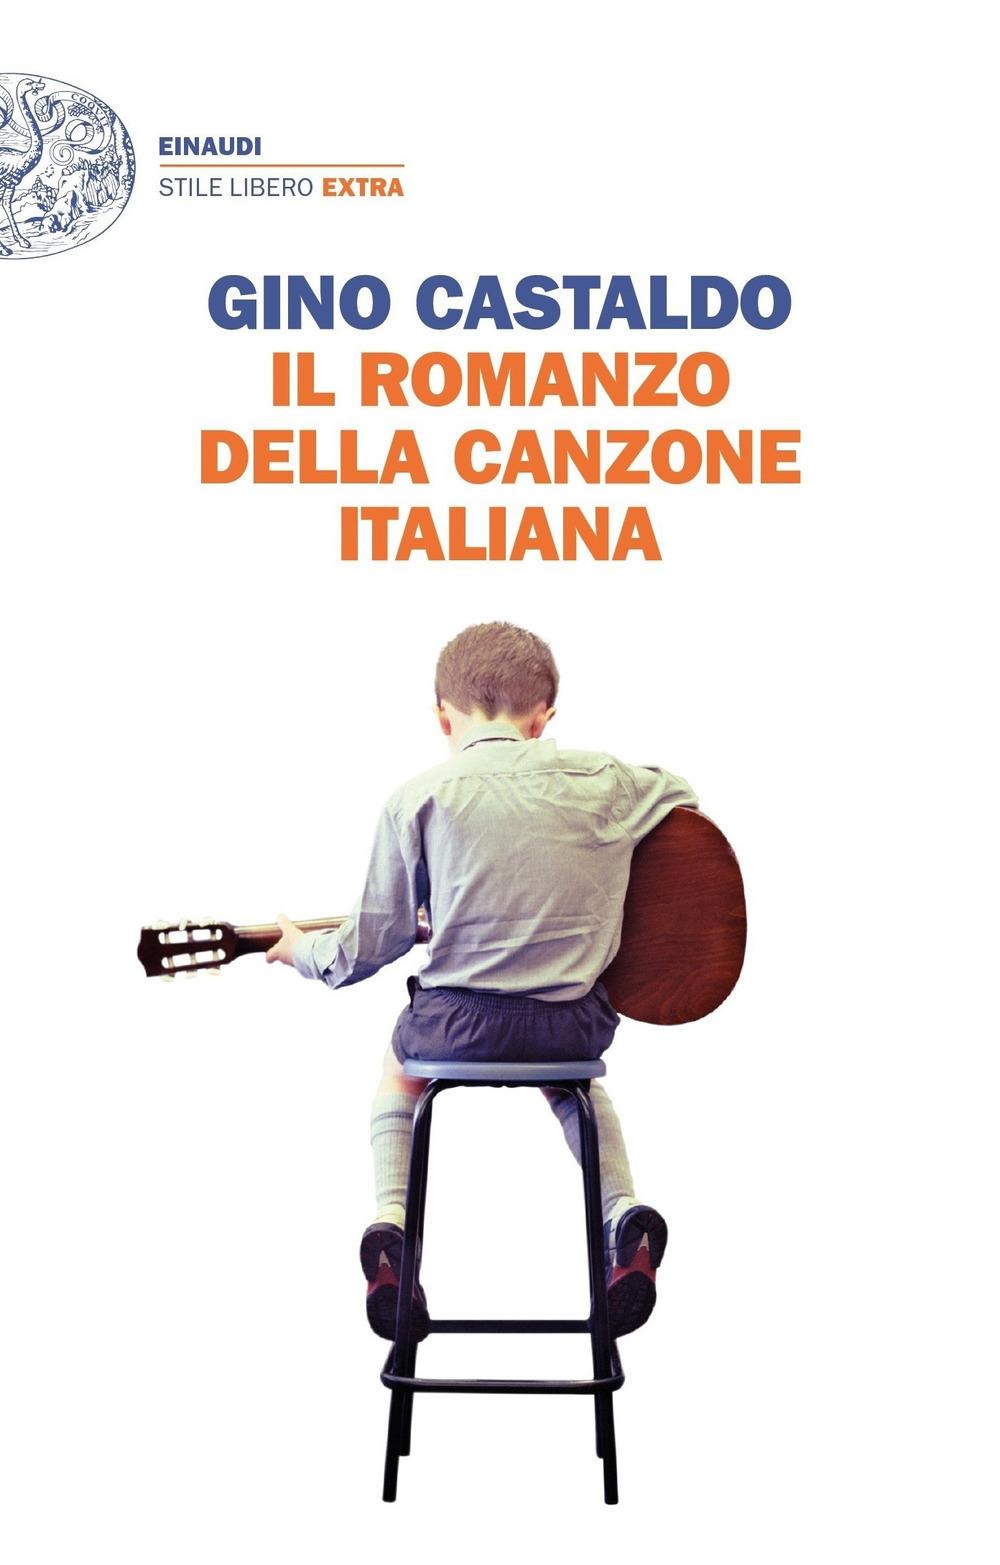 Image of Il romanzo della canzone italiana